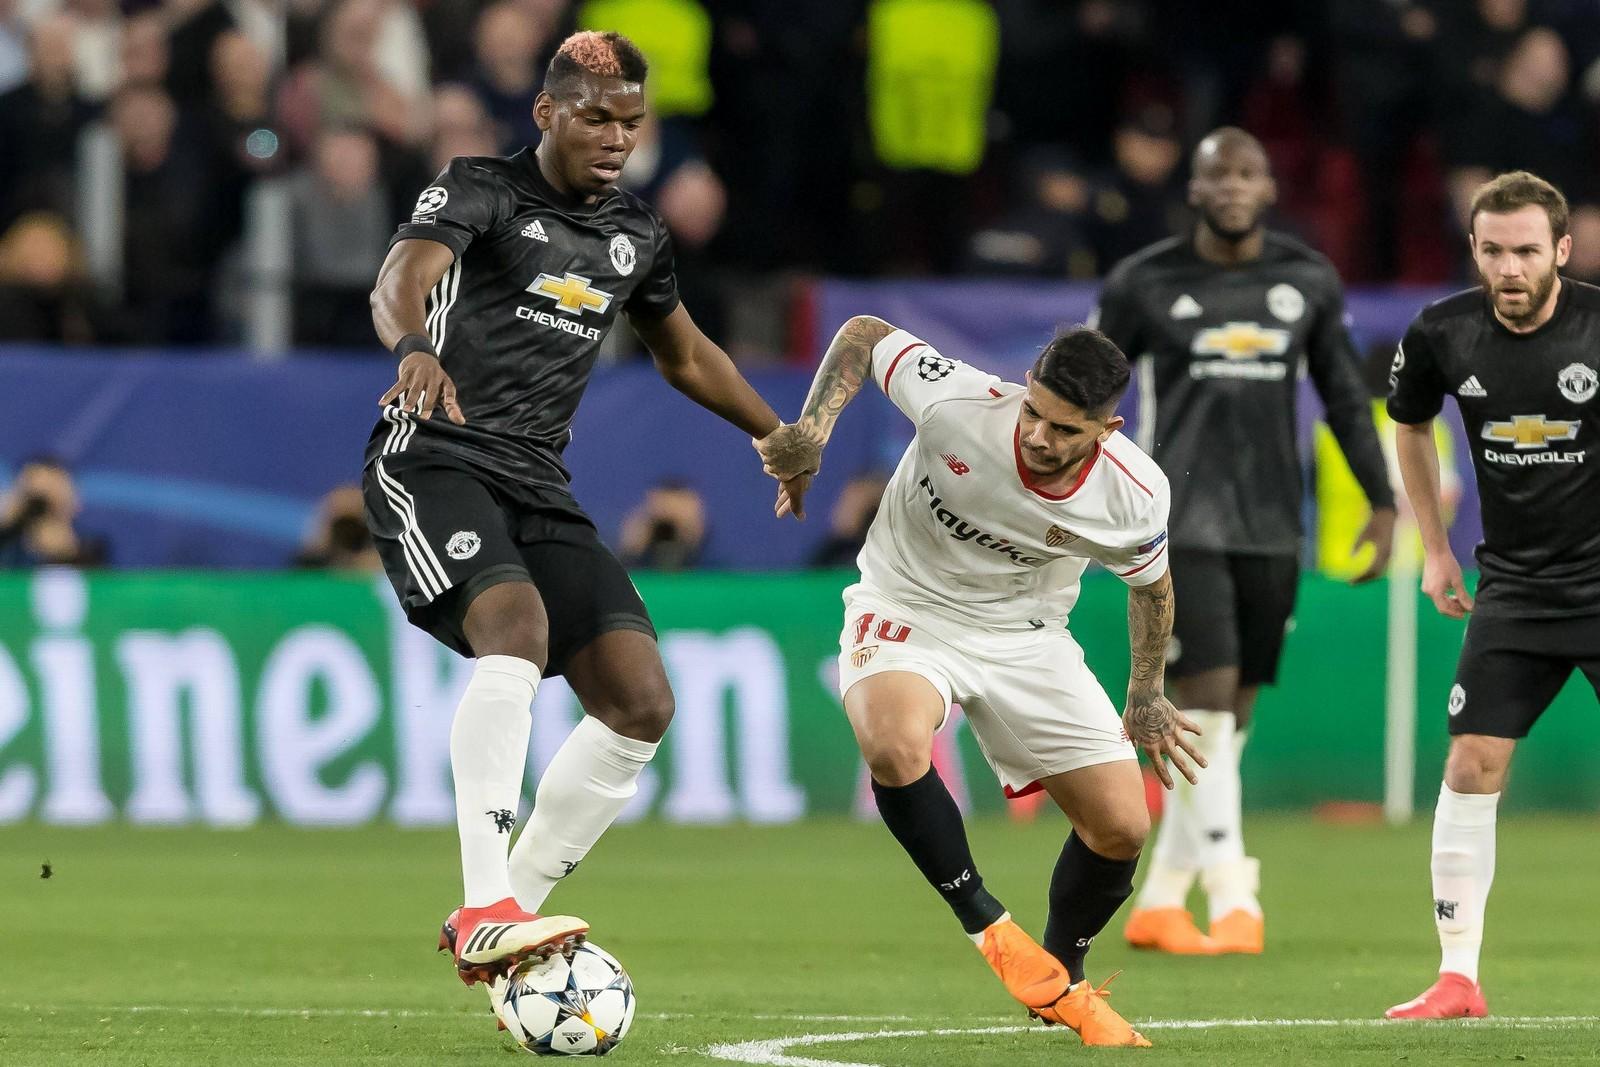 Setzt sich Pogba gegen Banega durch? Jetzt auf ManU gegen Sevilla wetten